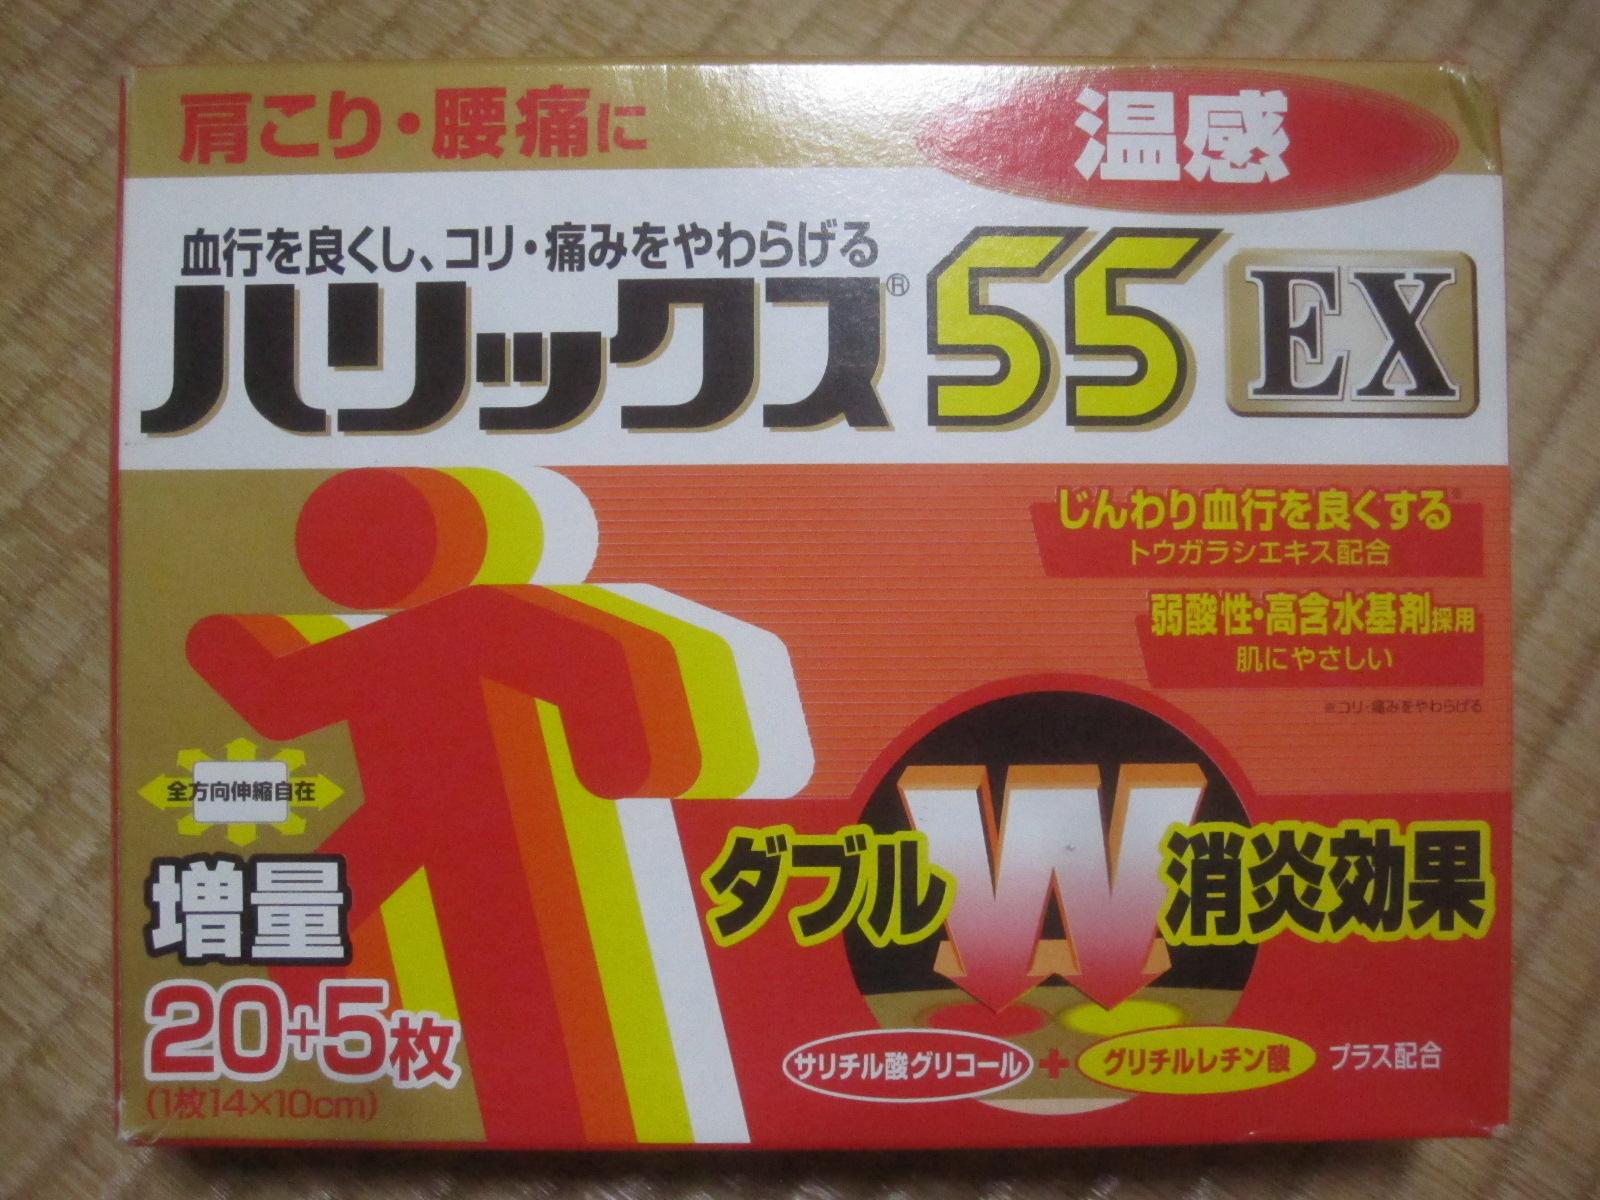 薬箱の中で放置されていた湿布薬ハリックス55EXを発見!